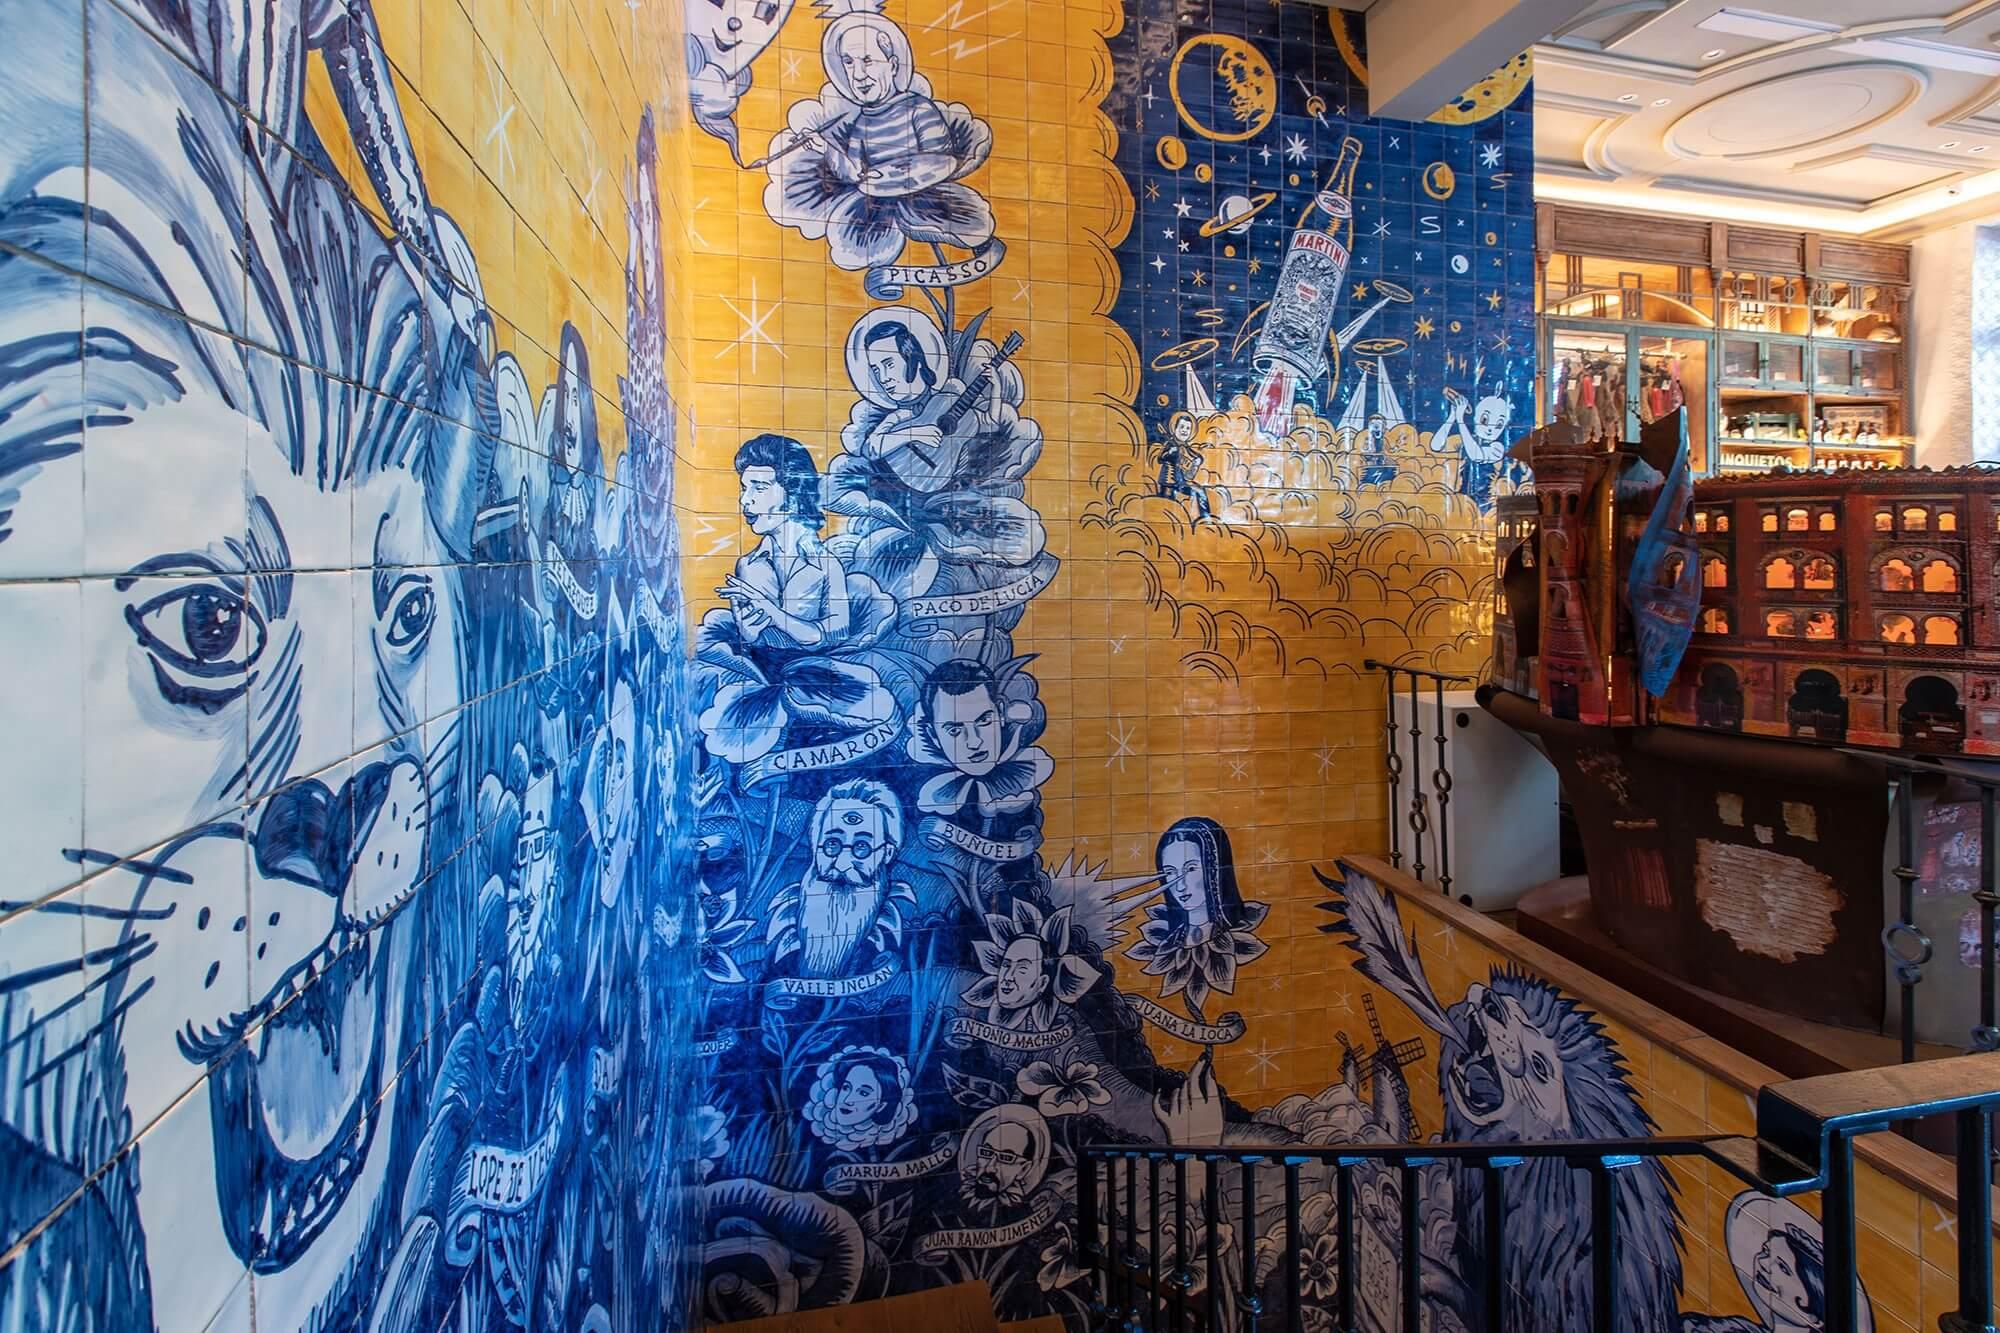 Especialistas en murales ceramicos - Azulejos Artesanales